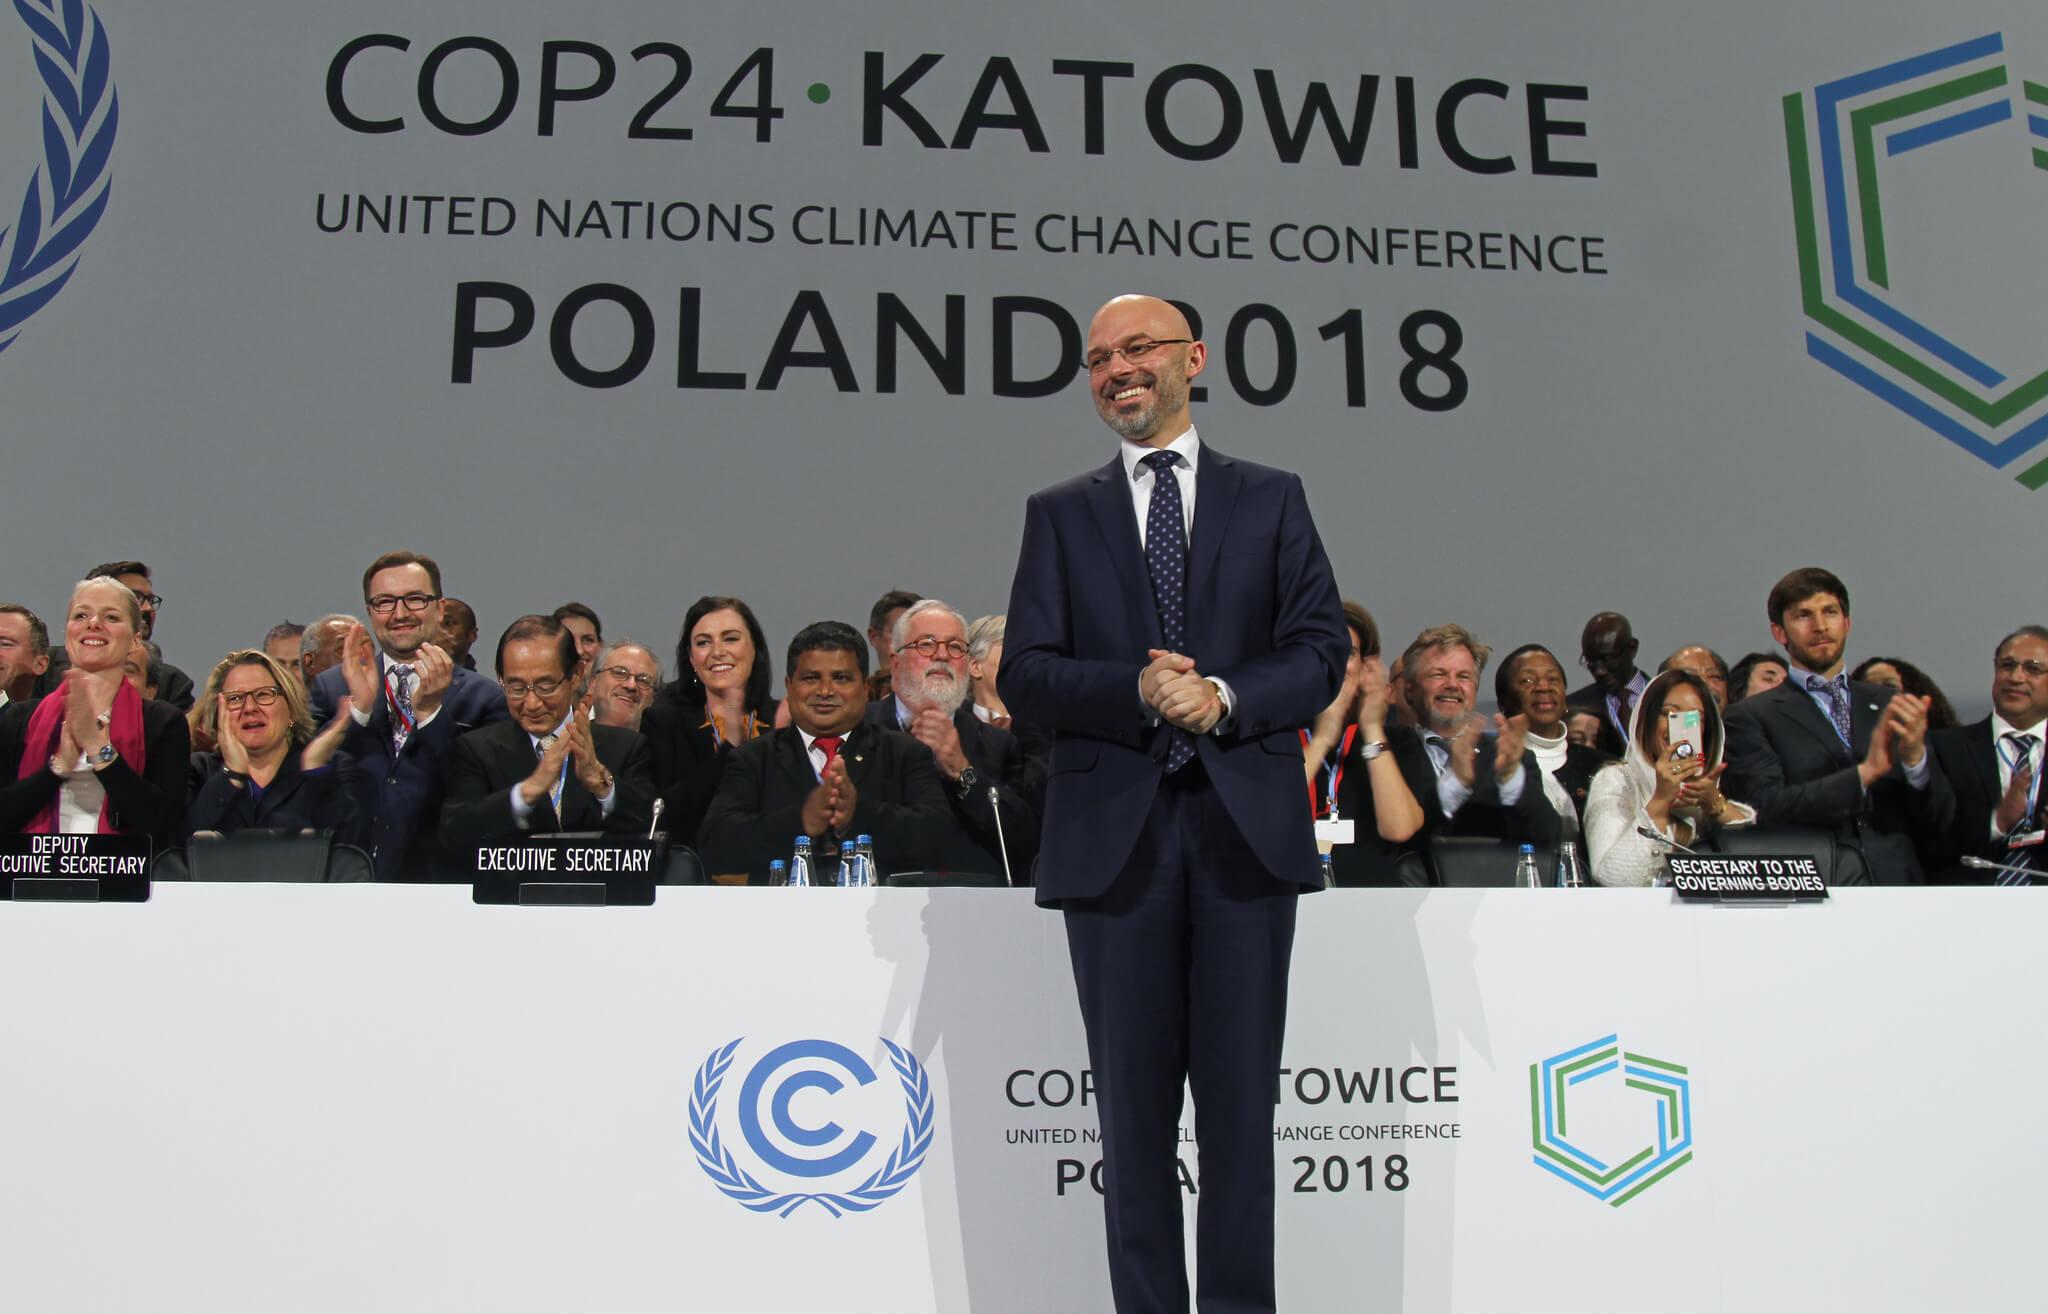 COP24-Präsident Michal Kurtyka bei der Abschlussveranstaltung im Plenum des UN-Klimagipfels in Kattowitz